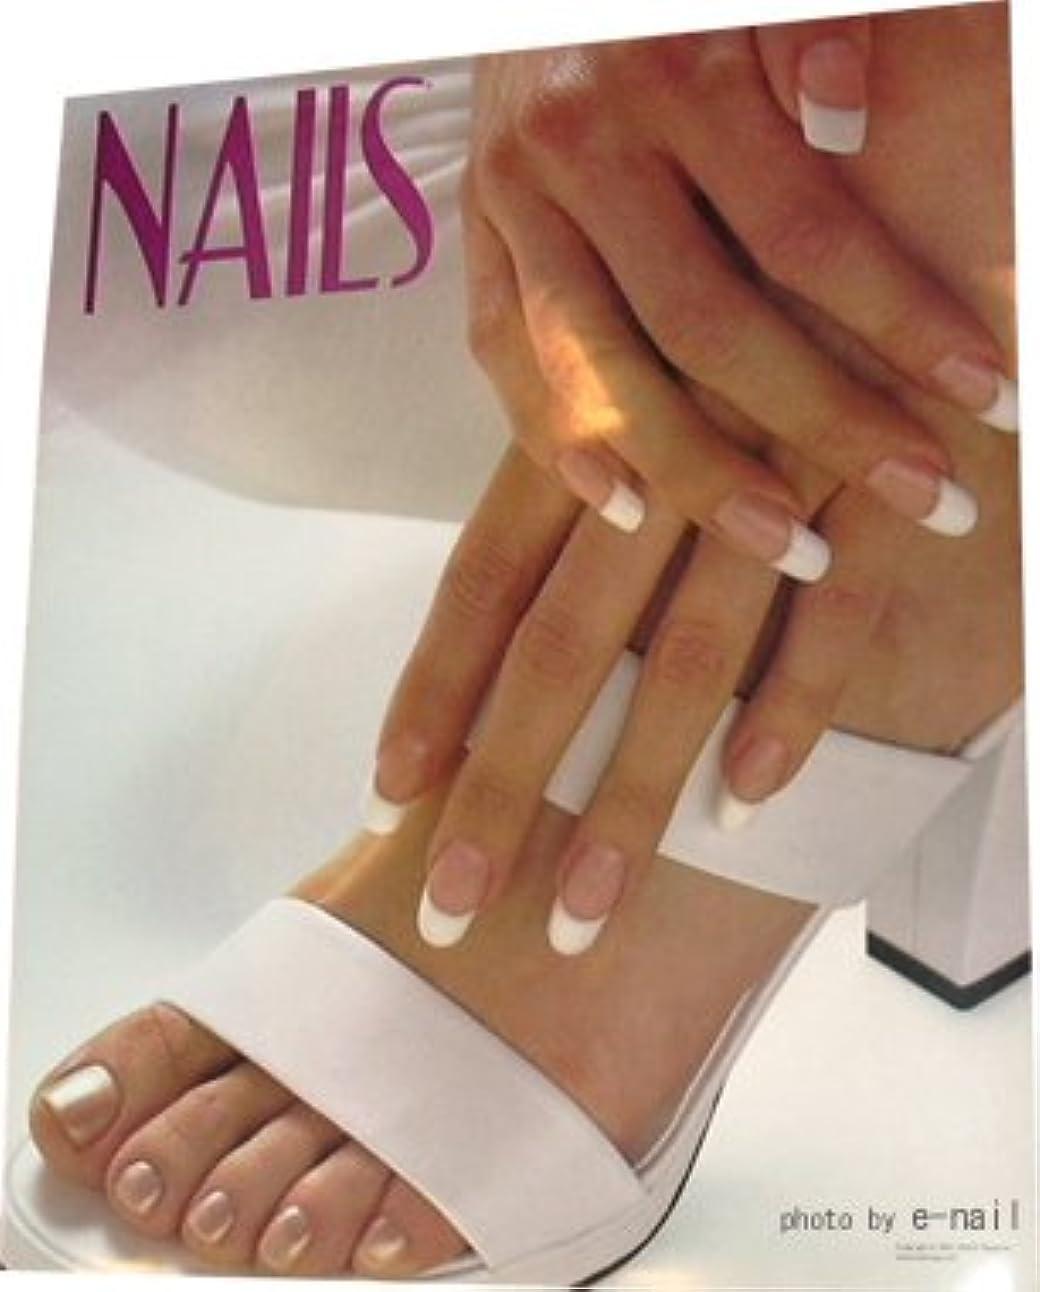 コーラス振るう大量NAILS ポスター 【French Manicure and Pedicure in Heels】